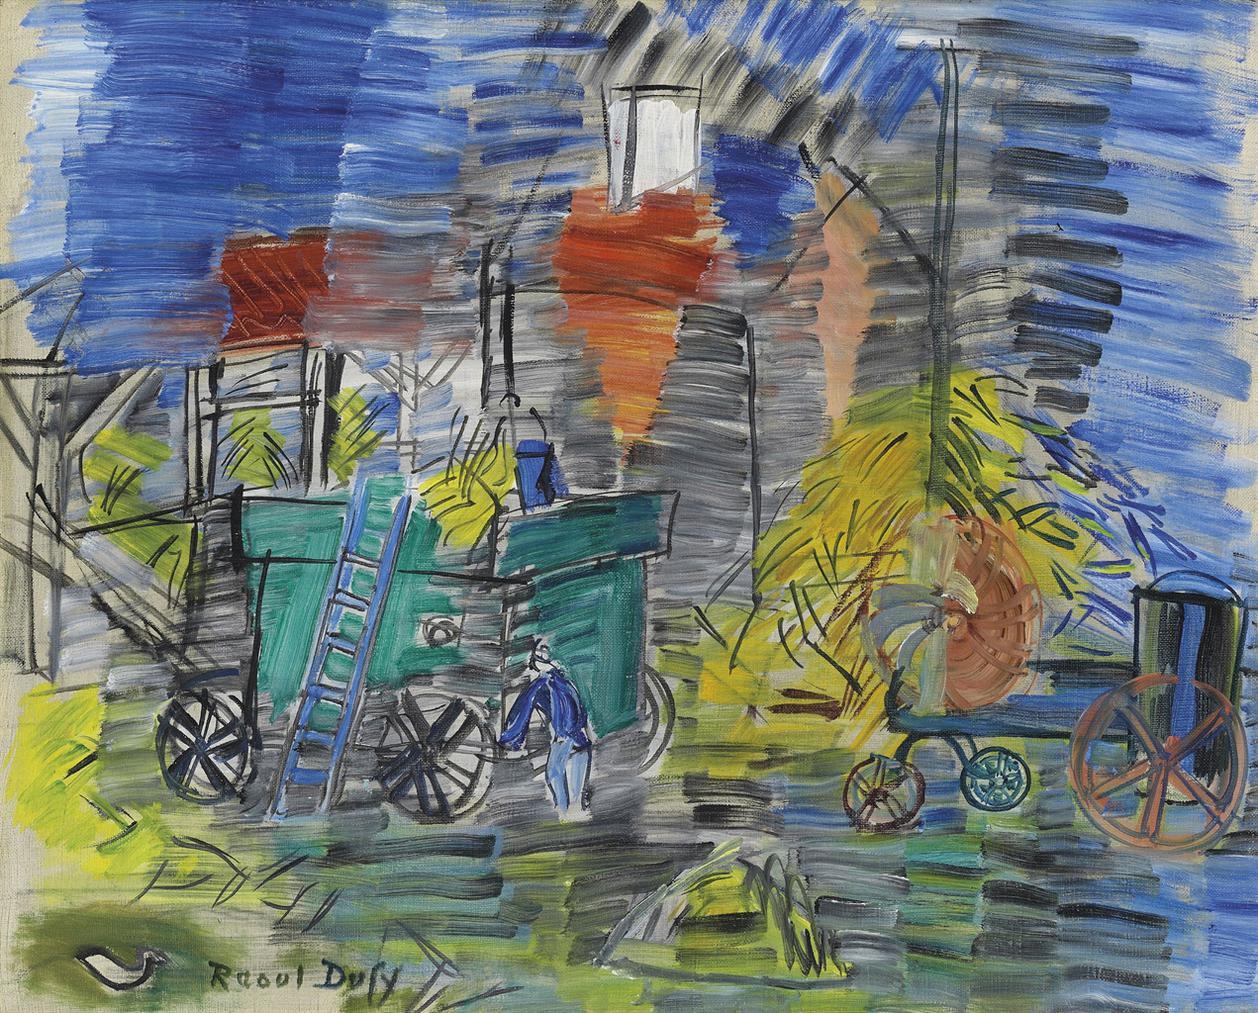 Raoul Dufy-Le Depiquage Bleu-1948